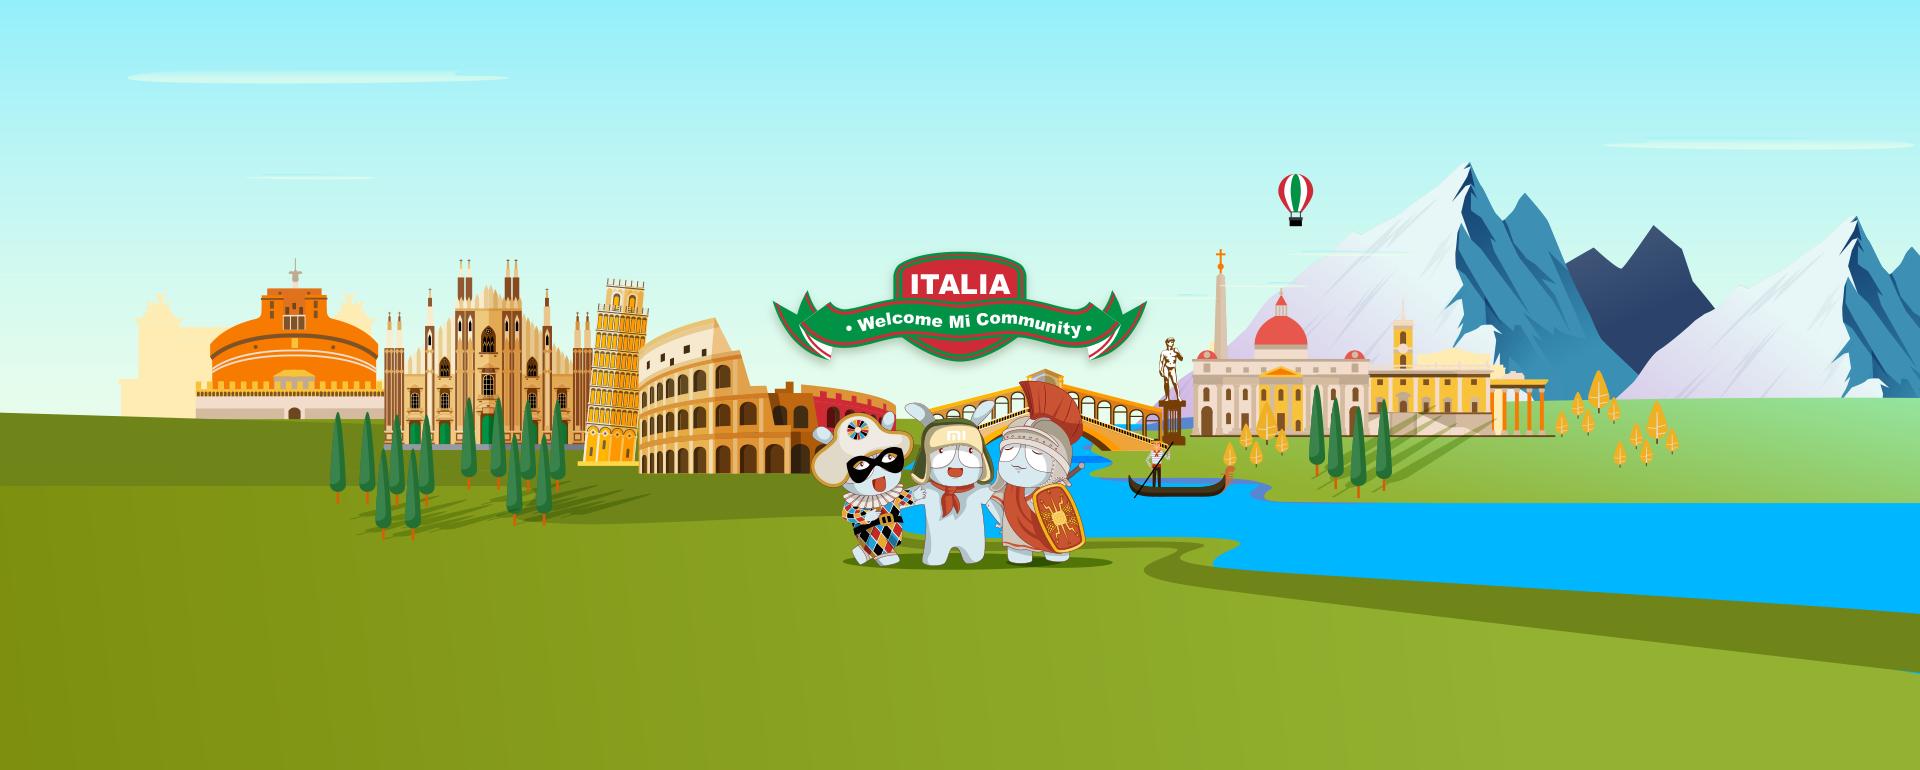 sito italiano di Xiaomi